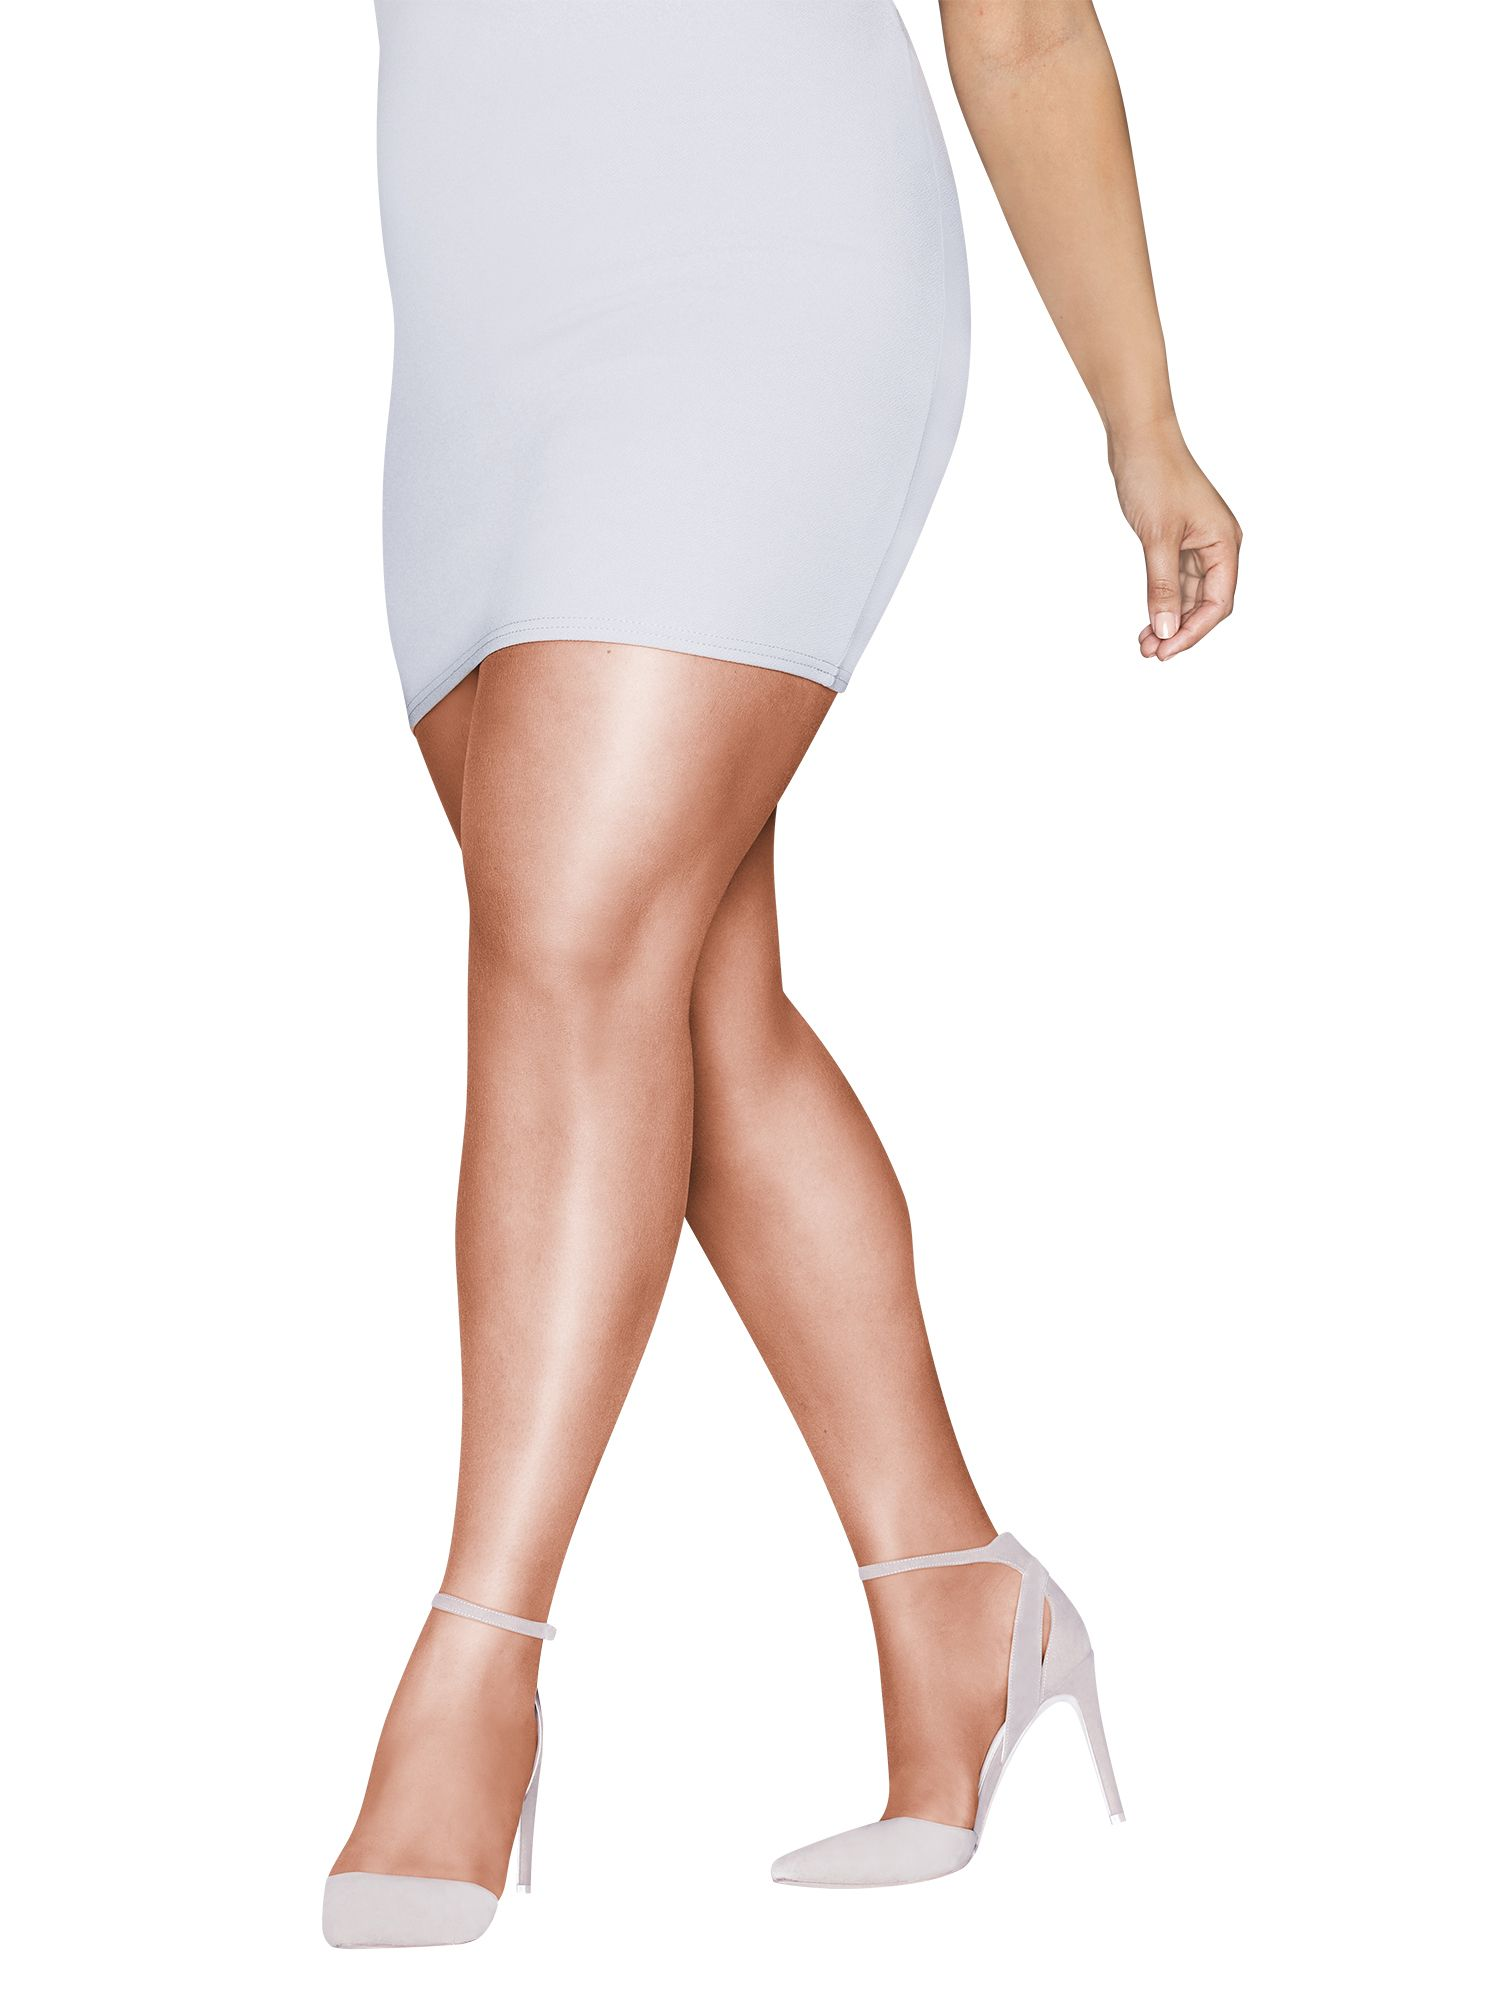 6448d936b60 Women s Run Resistant Control Top Panty Hose Resistant